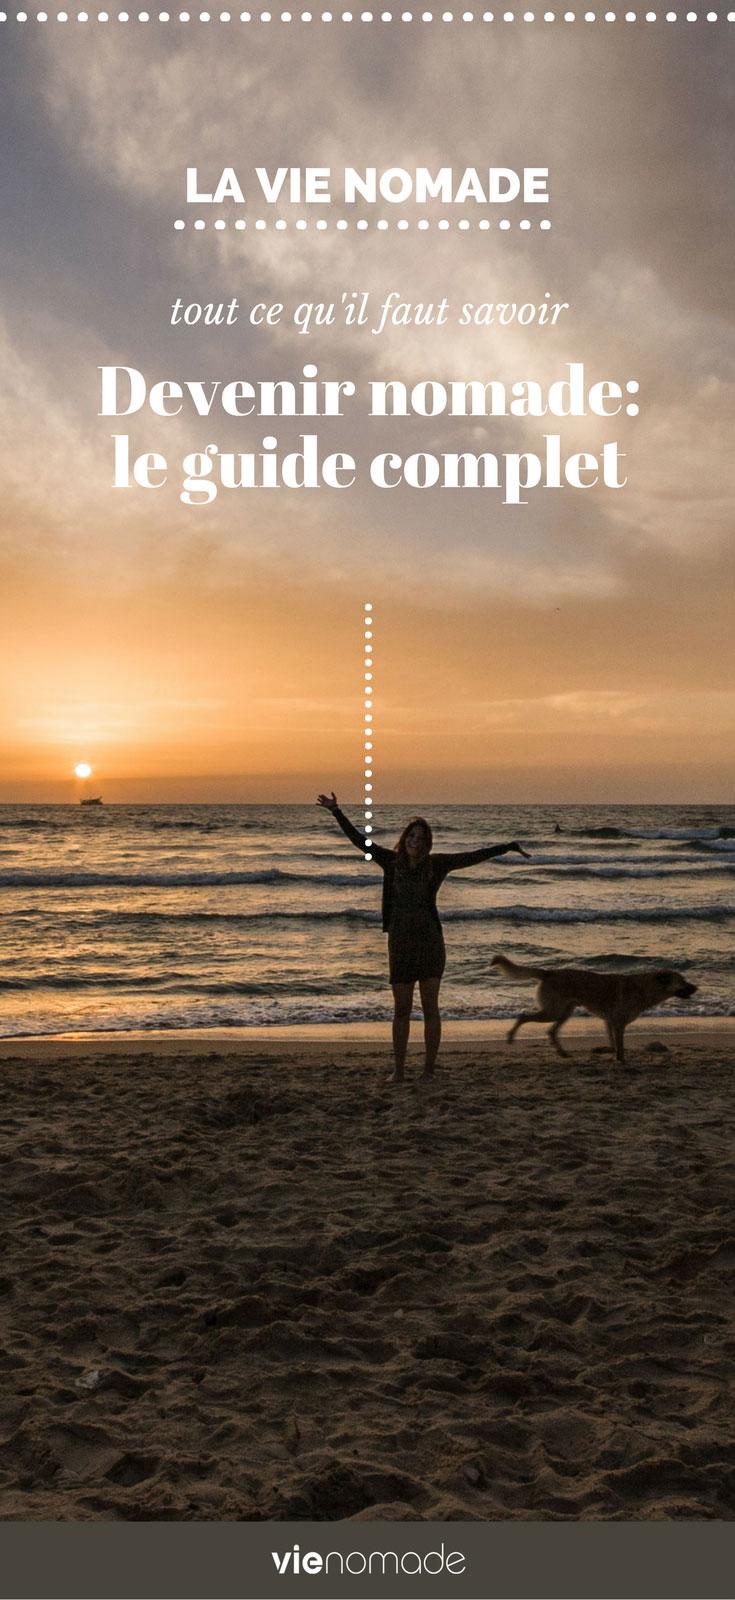 Devenir nomade: le guide de la vie nomade!